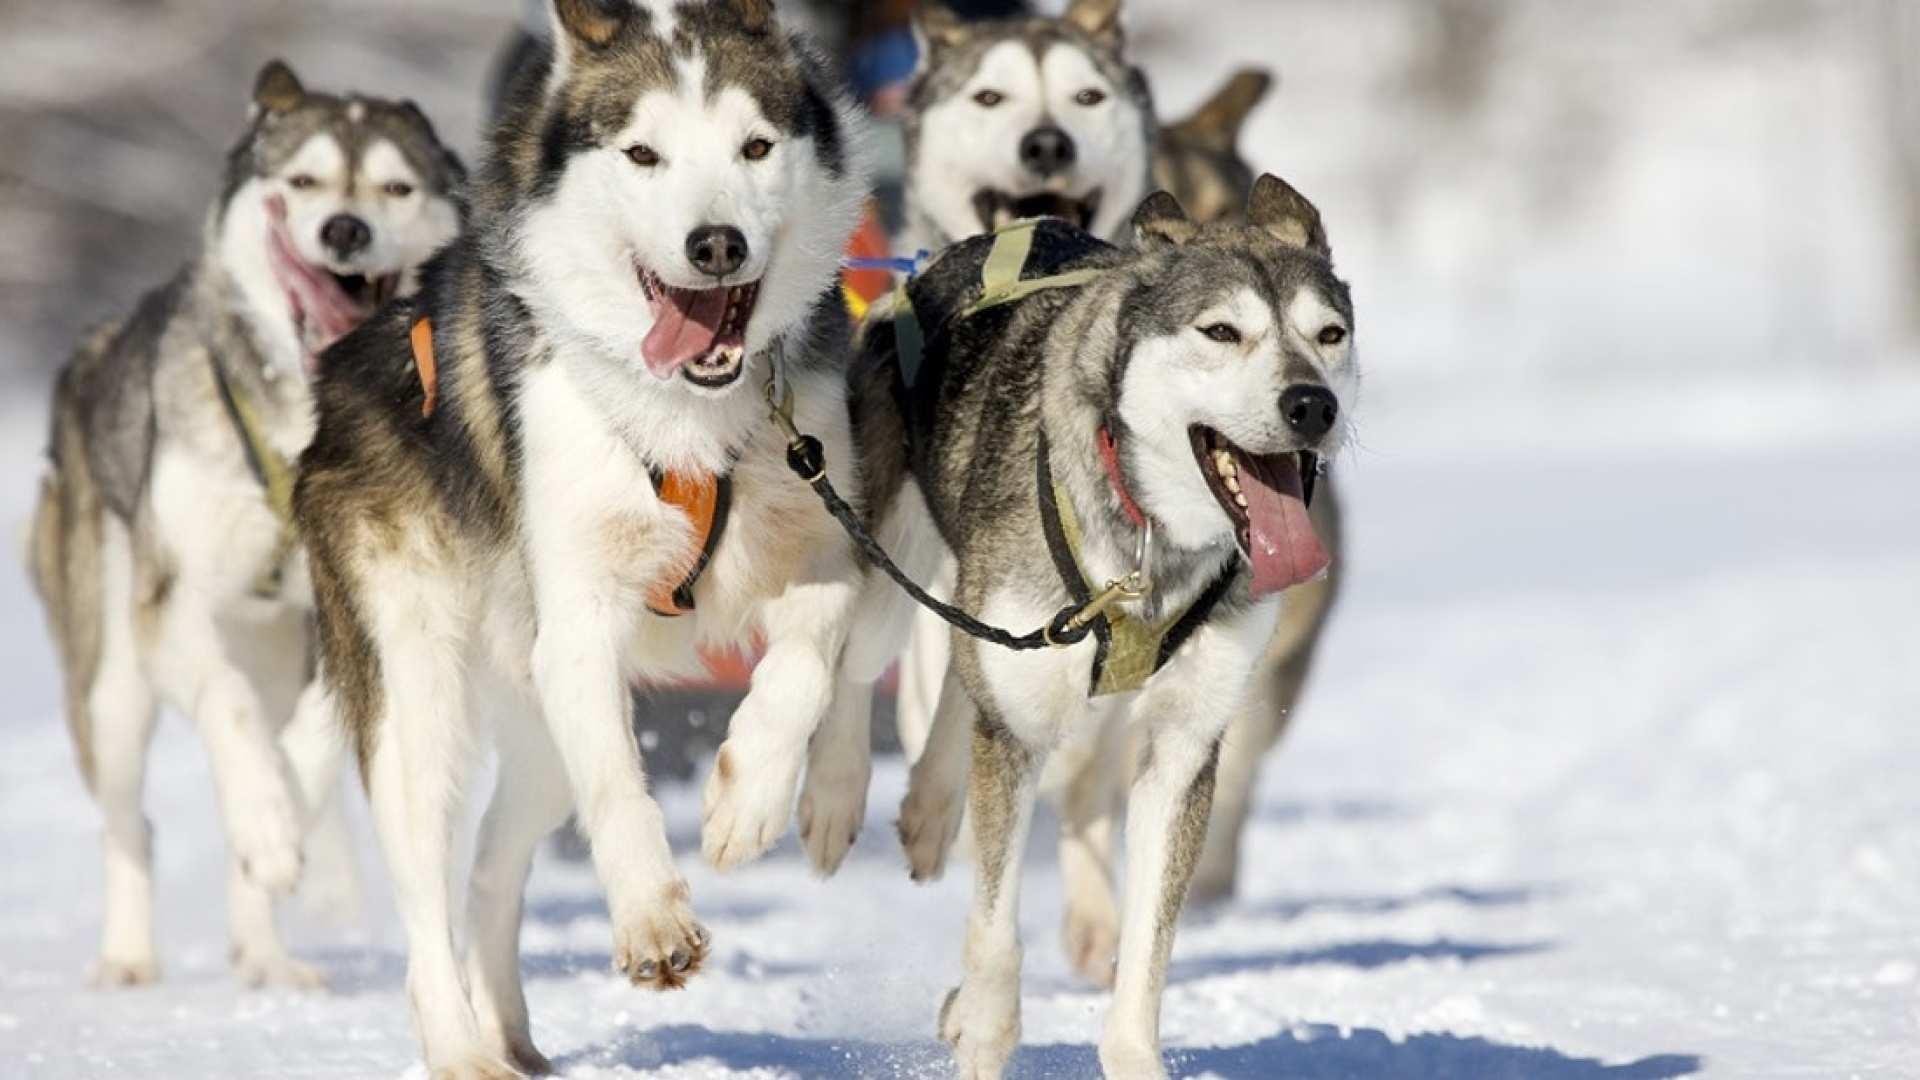 【芬蘭哈士奇探險之旅】北極圈森林哈士奇雪橇體驗+哈士奇牧場+拉普蘭特色小吃半日遊